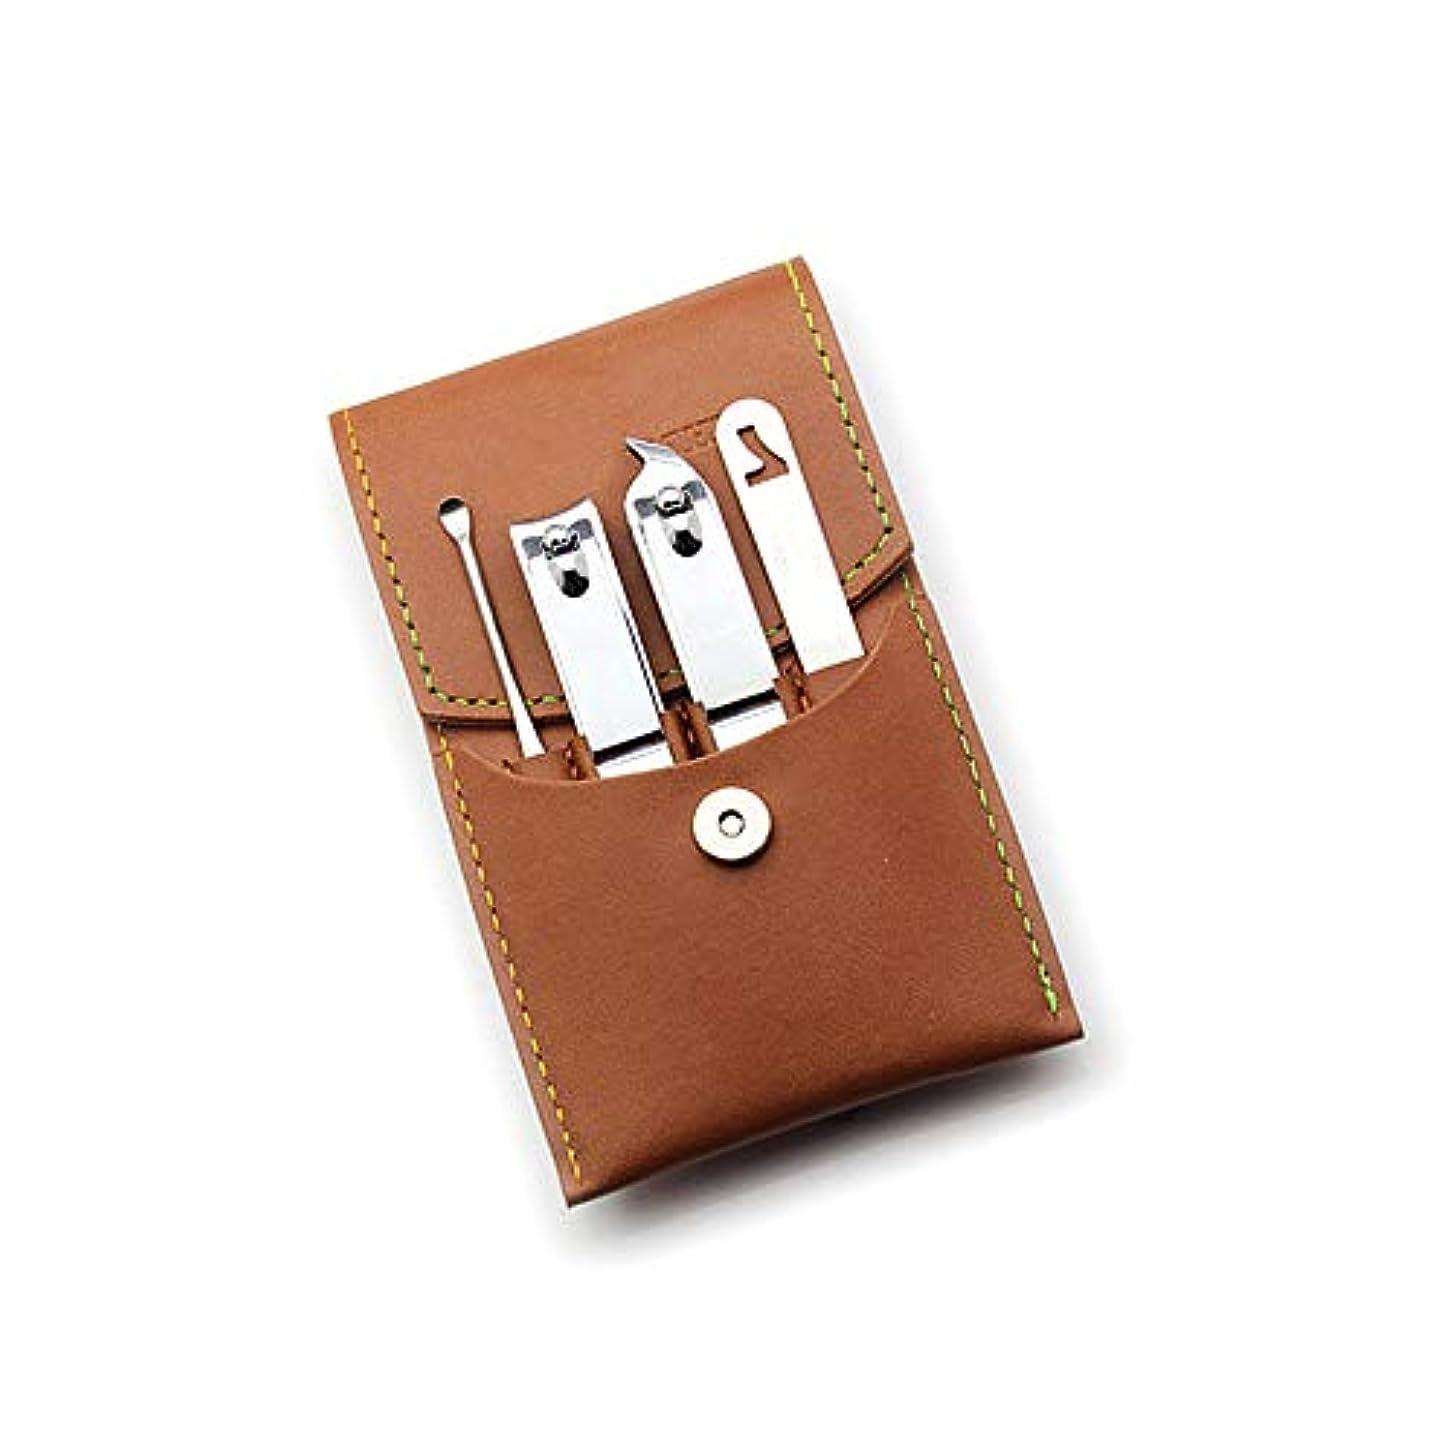 フレームワーク一元化するアプローチ高級ステンレス爪切りセットネイルクリッパーセット高級ブラウンPUレザーケース付き、4点セット